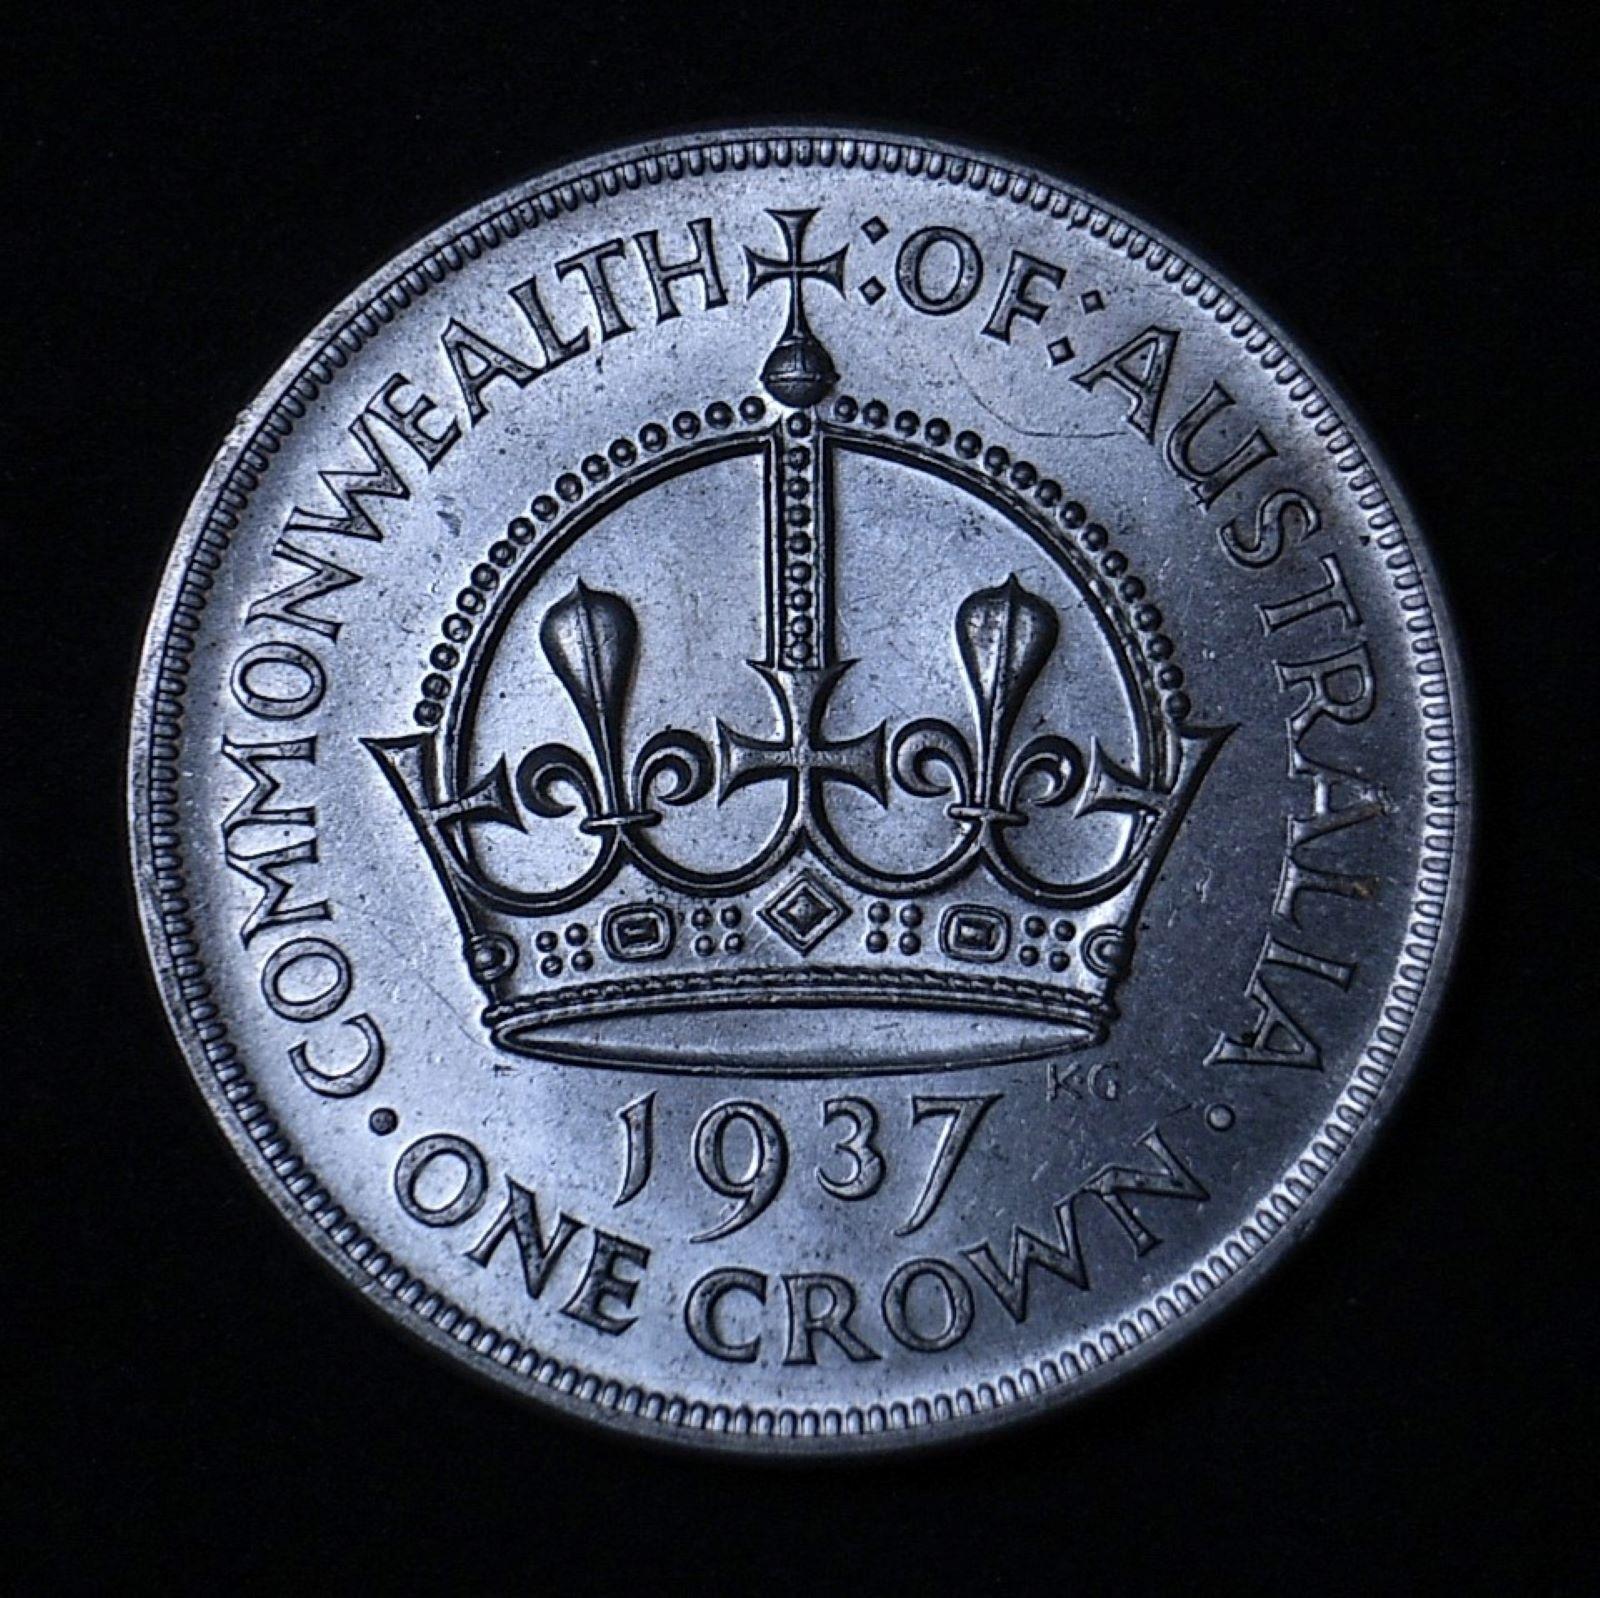 aus-crown-1937-rev-2-unc-1